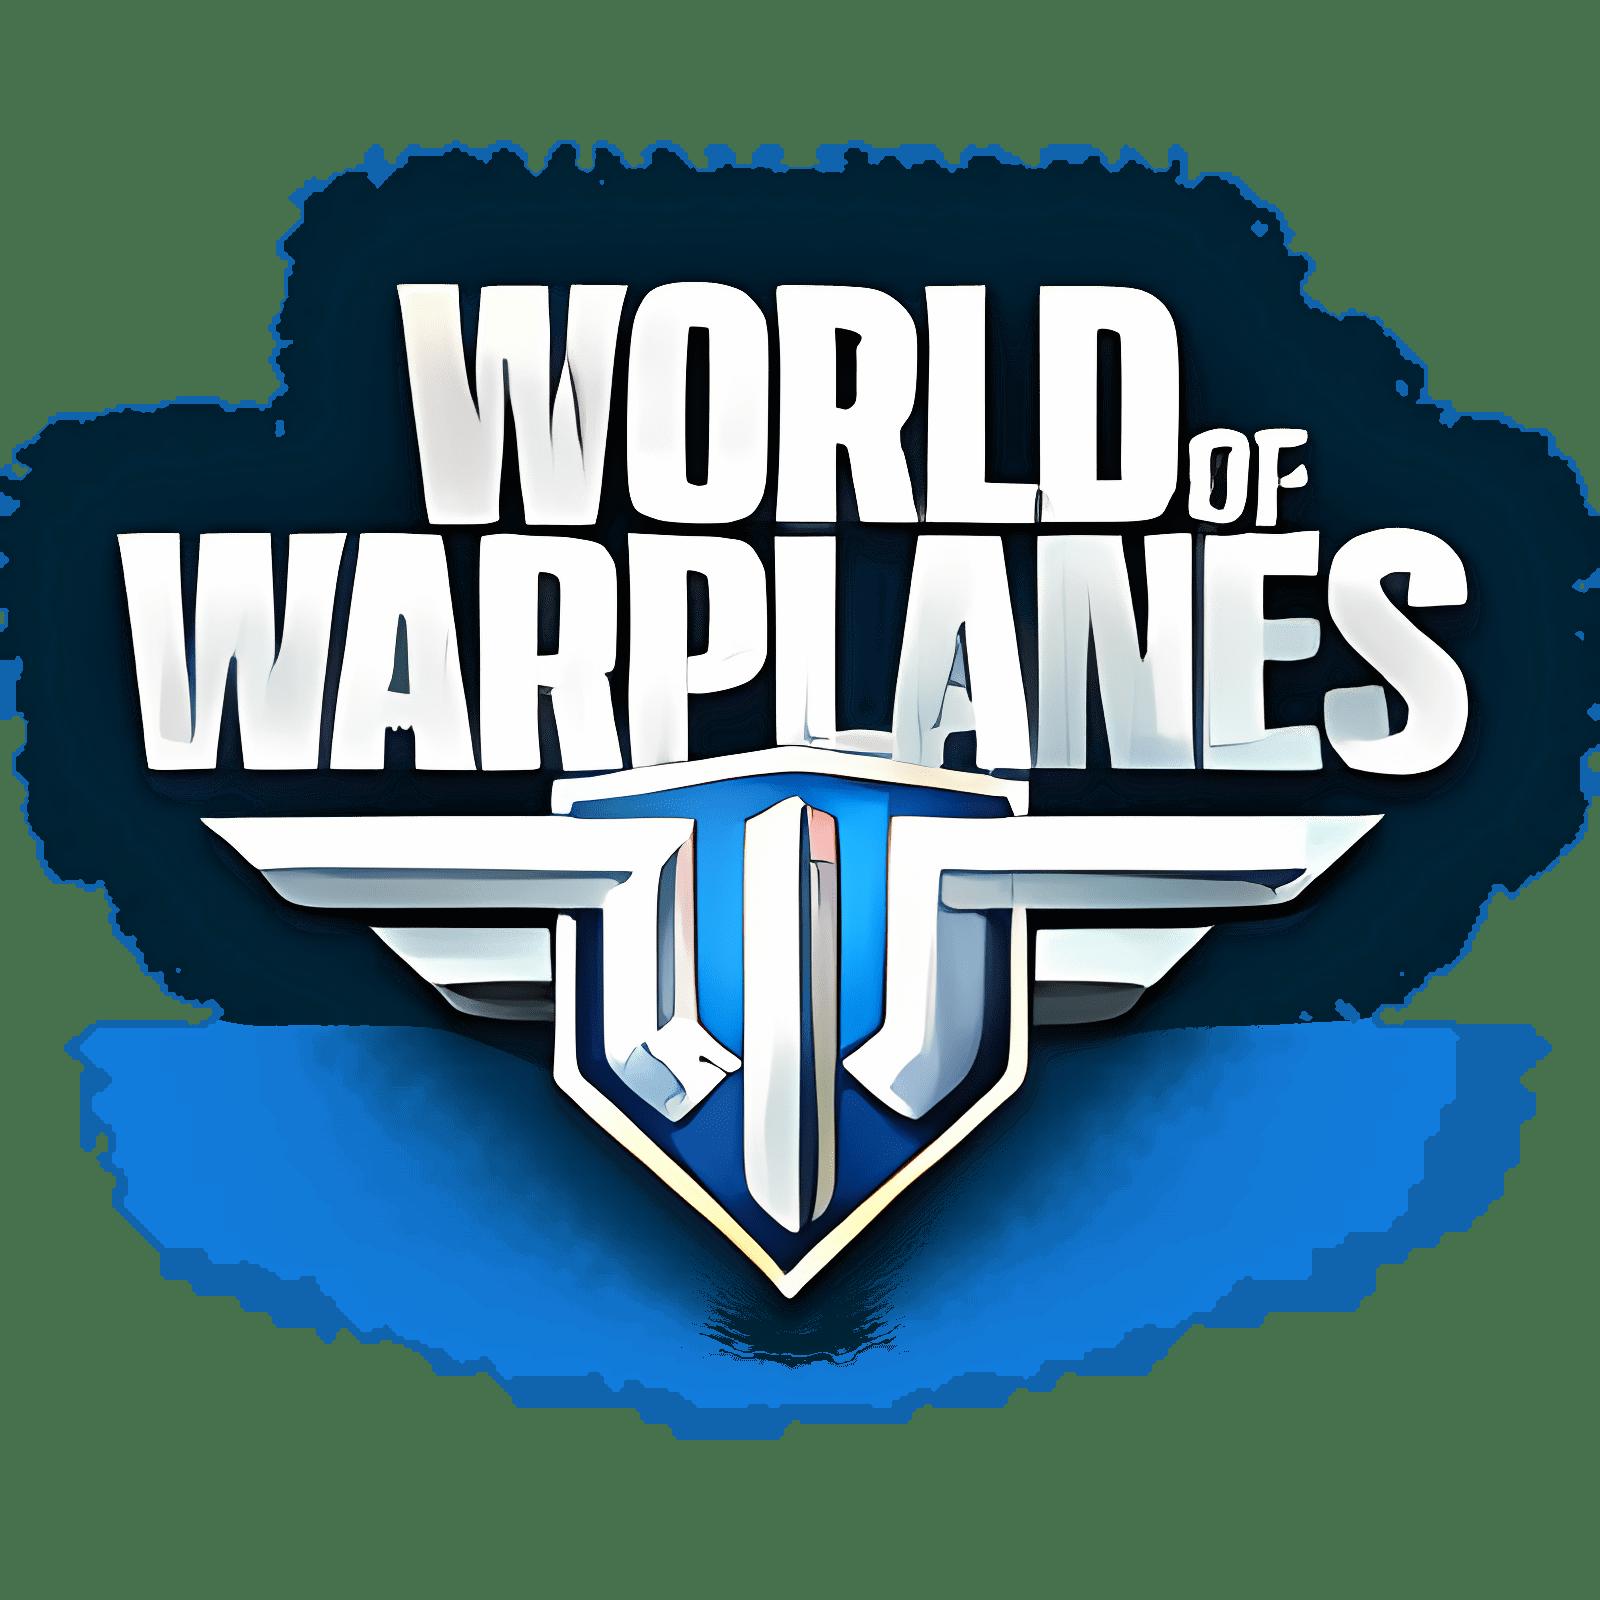 World of Warplanes Patch